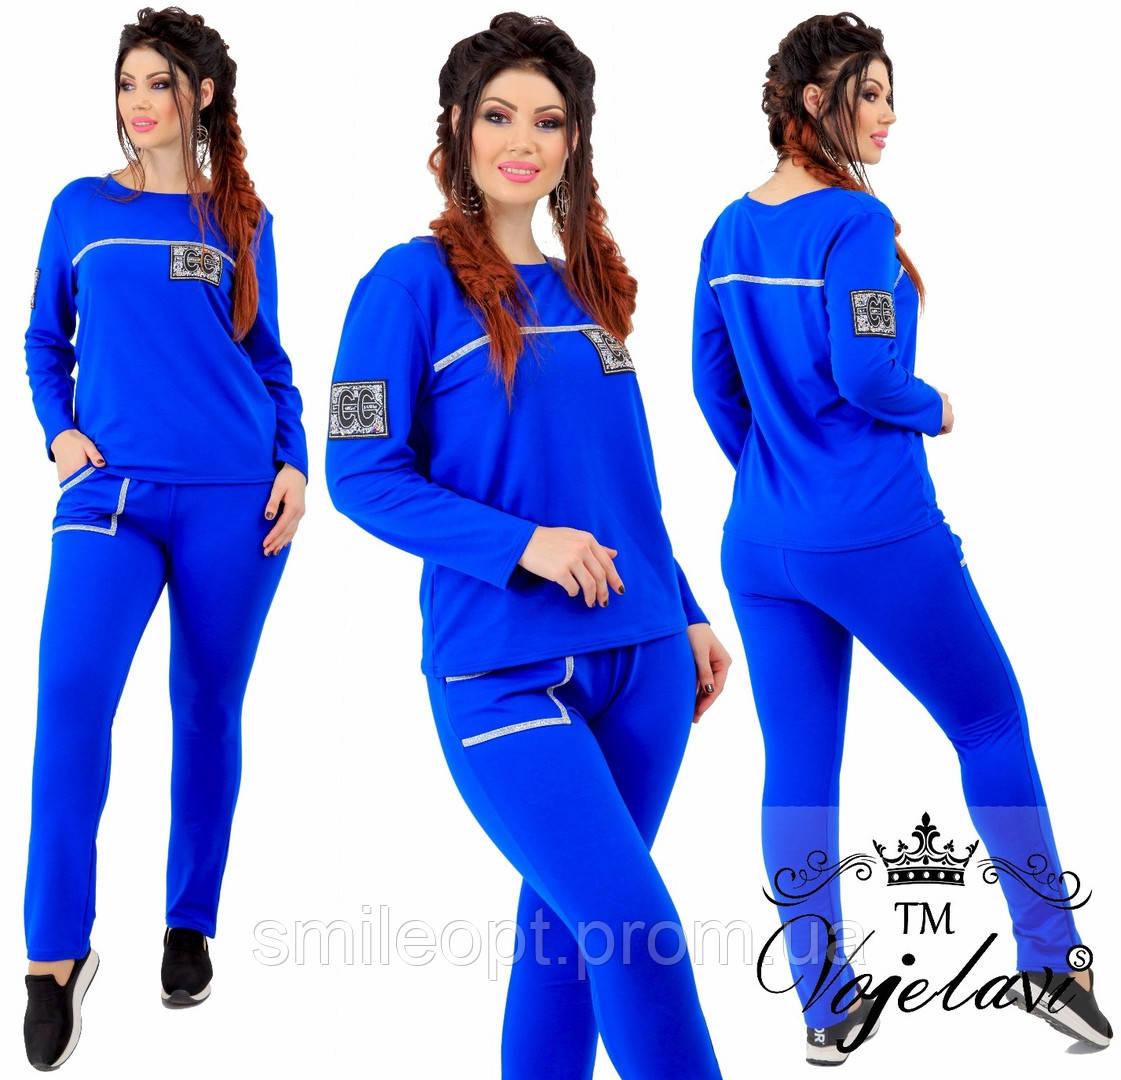 b94bc75c18e6 Женский спортивный костюм (P179)  продажа, цена в Одессе. спортивные ...